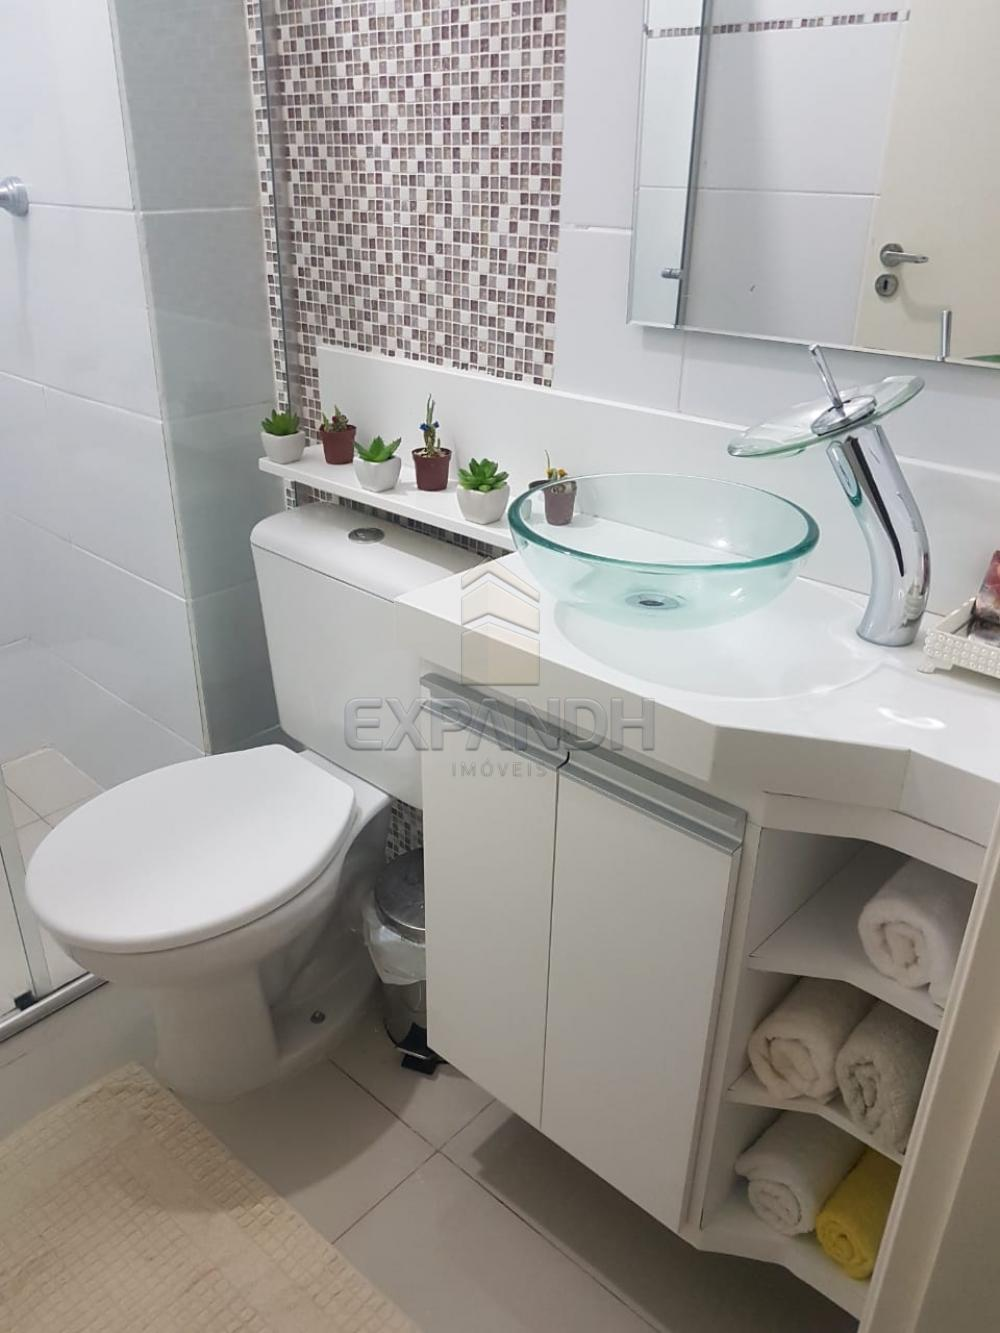 Comprar Apartamentos / Padrão em Sertãozinho R$ 150.000,00 - Foto 5